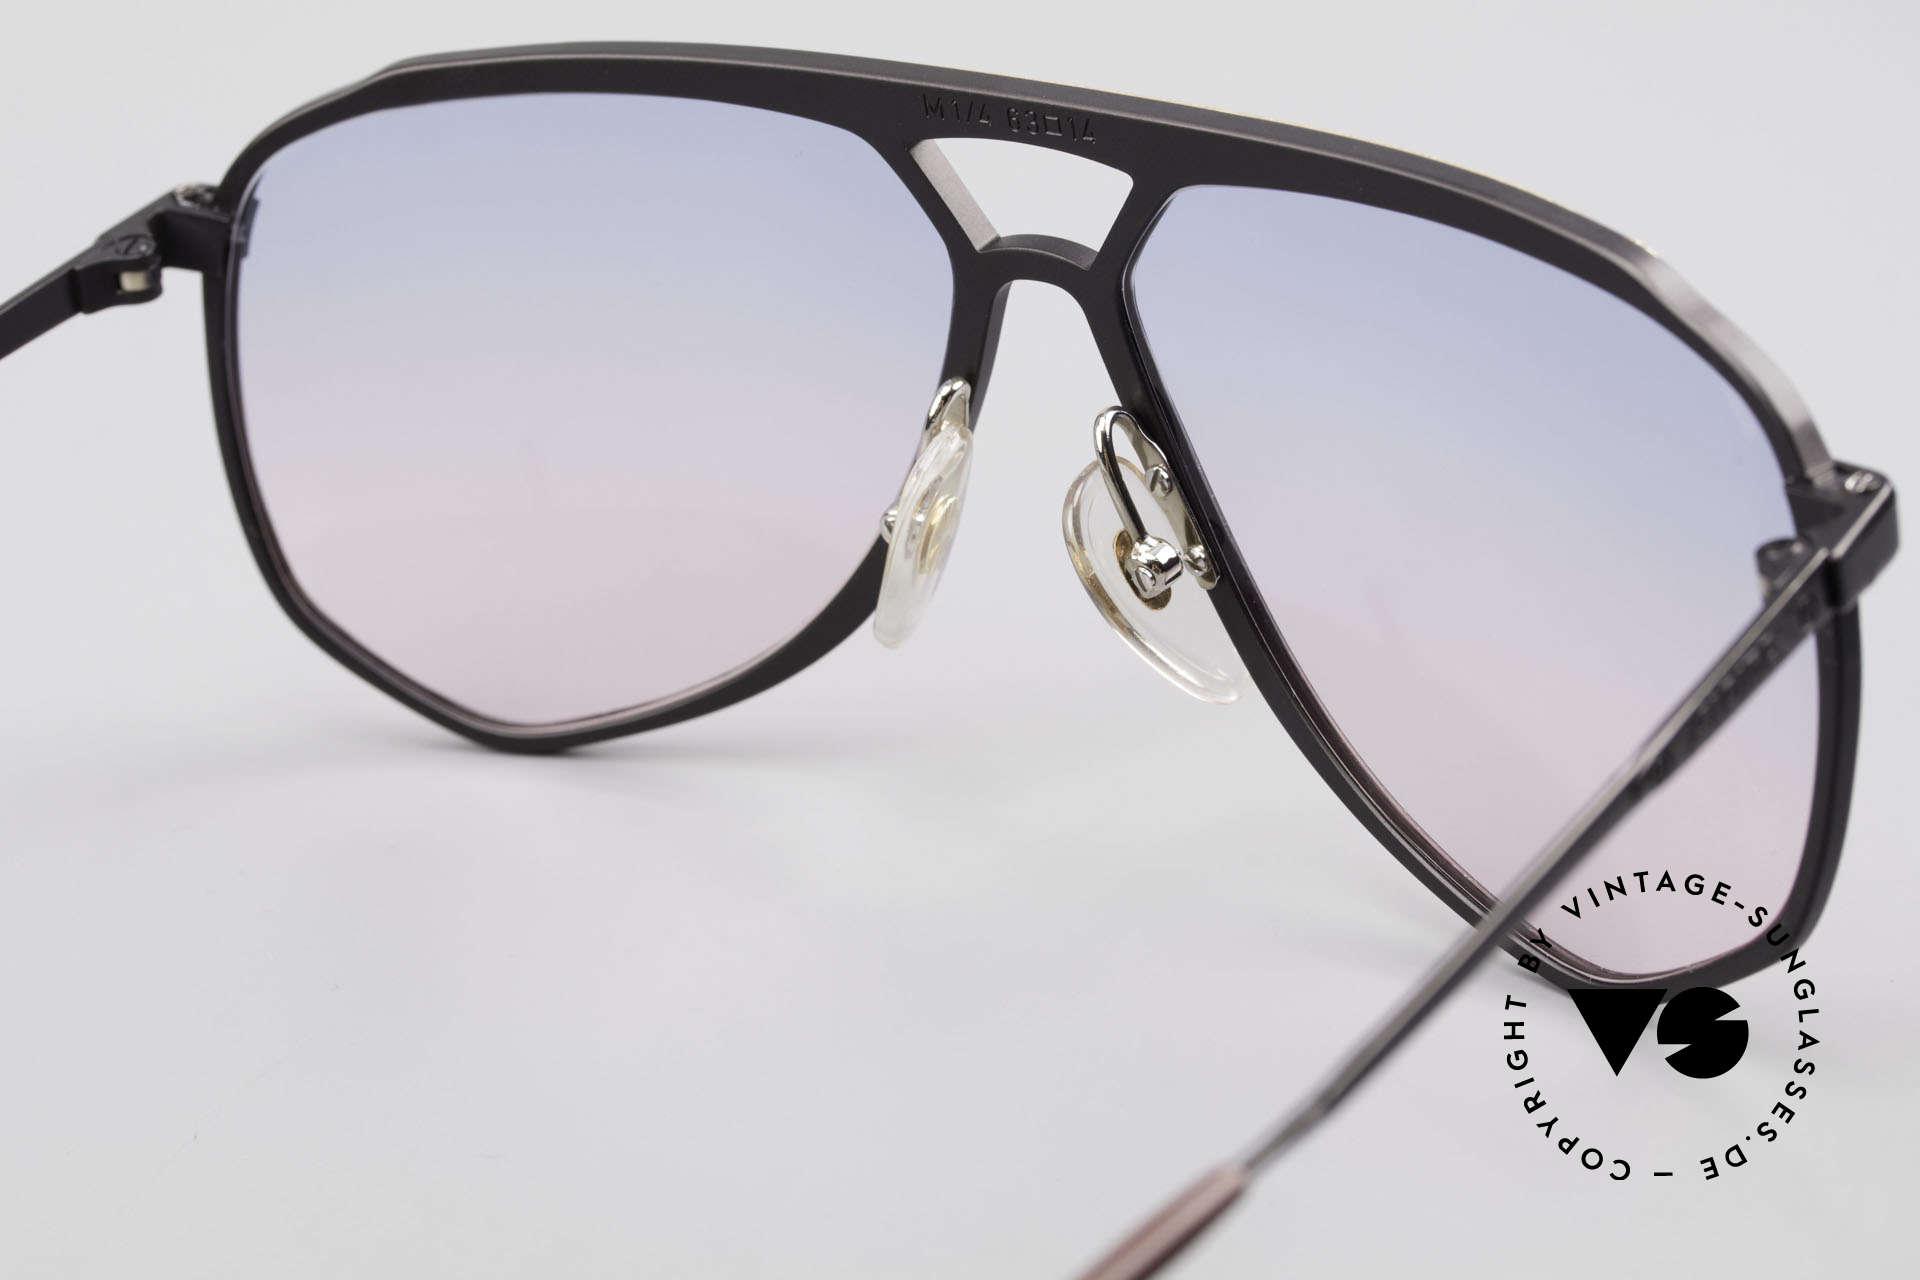 Alpina M1/4 Alte 80er Brille Baby-Blau Pink, die Fassung kann ggf. auch optisch verglast werden, Passend für Herren